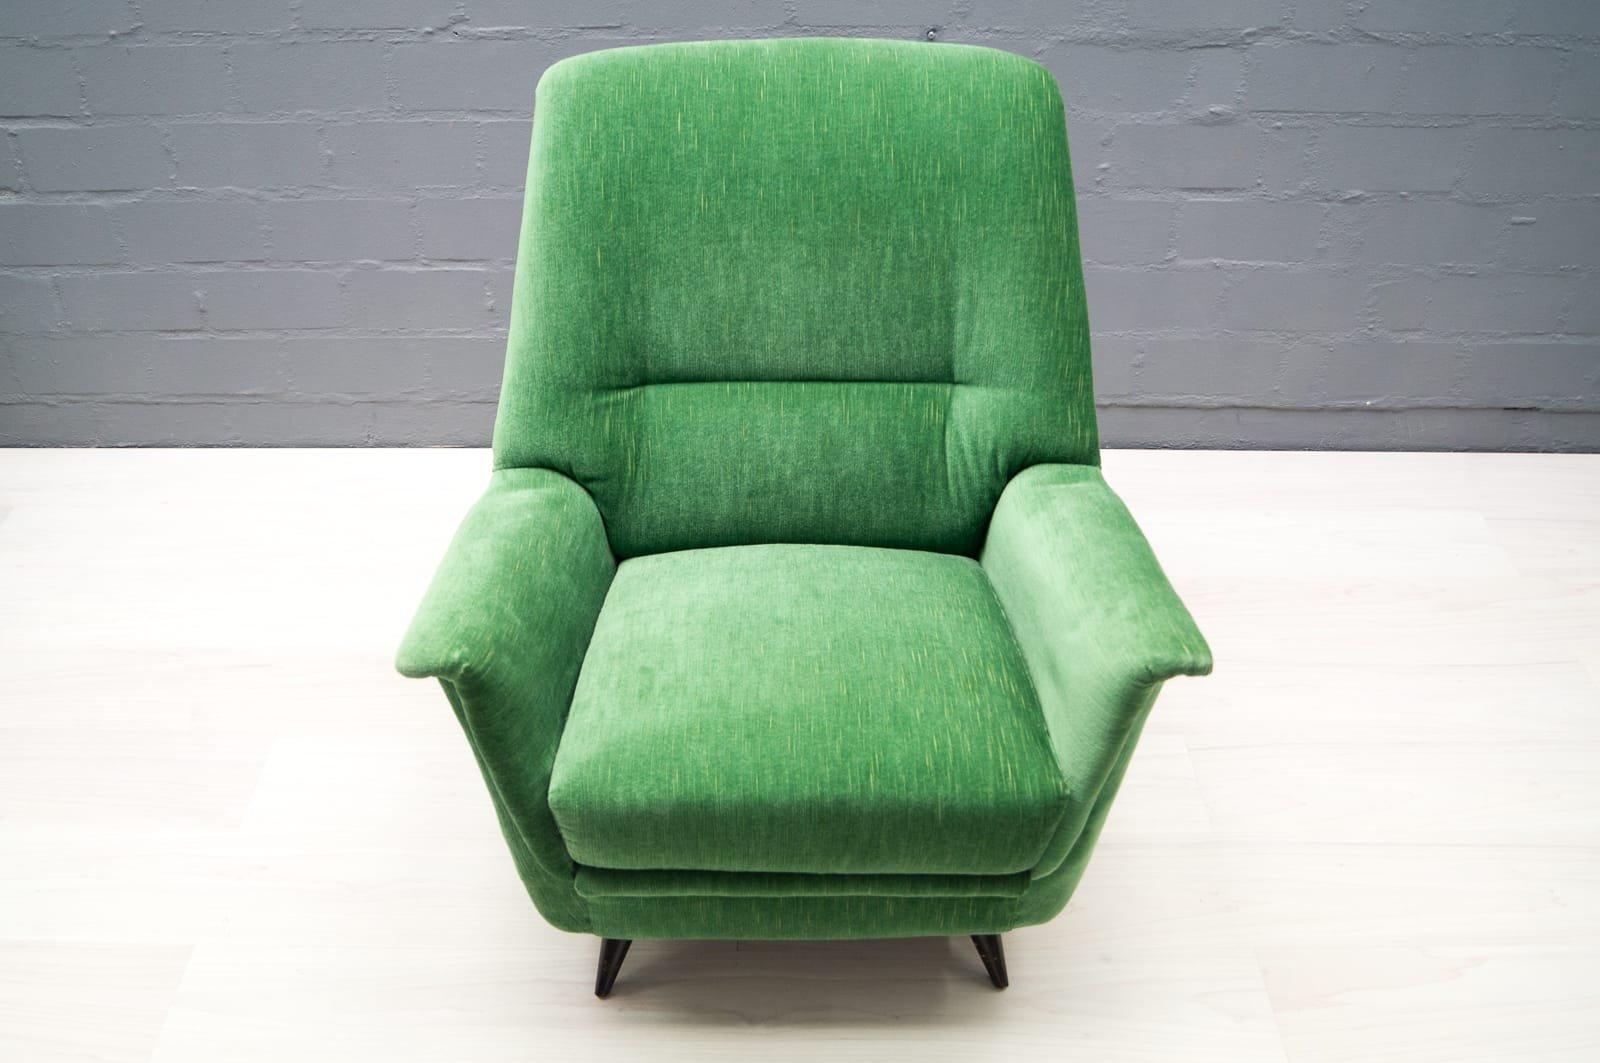 mobilier de salon vert pomme italie 1950s en vente sur pamono. Black Bedroom Furniture Sets. Home Design Ideas